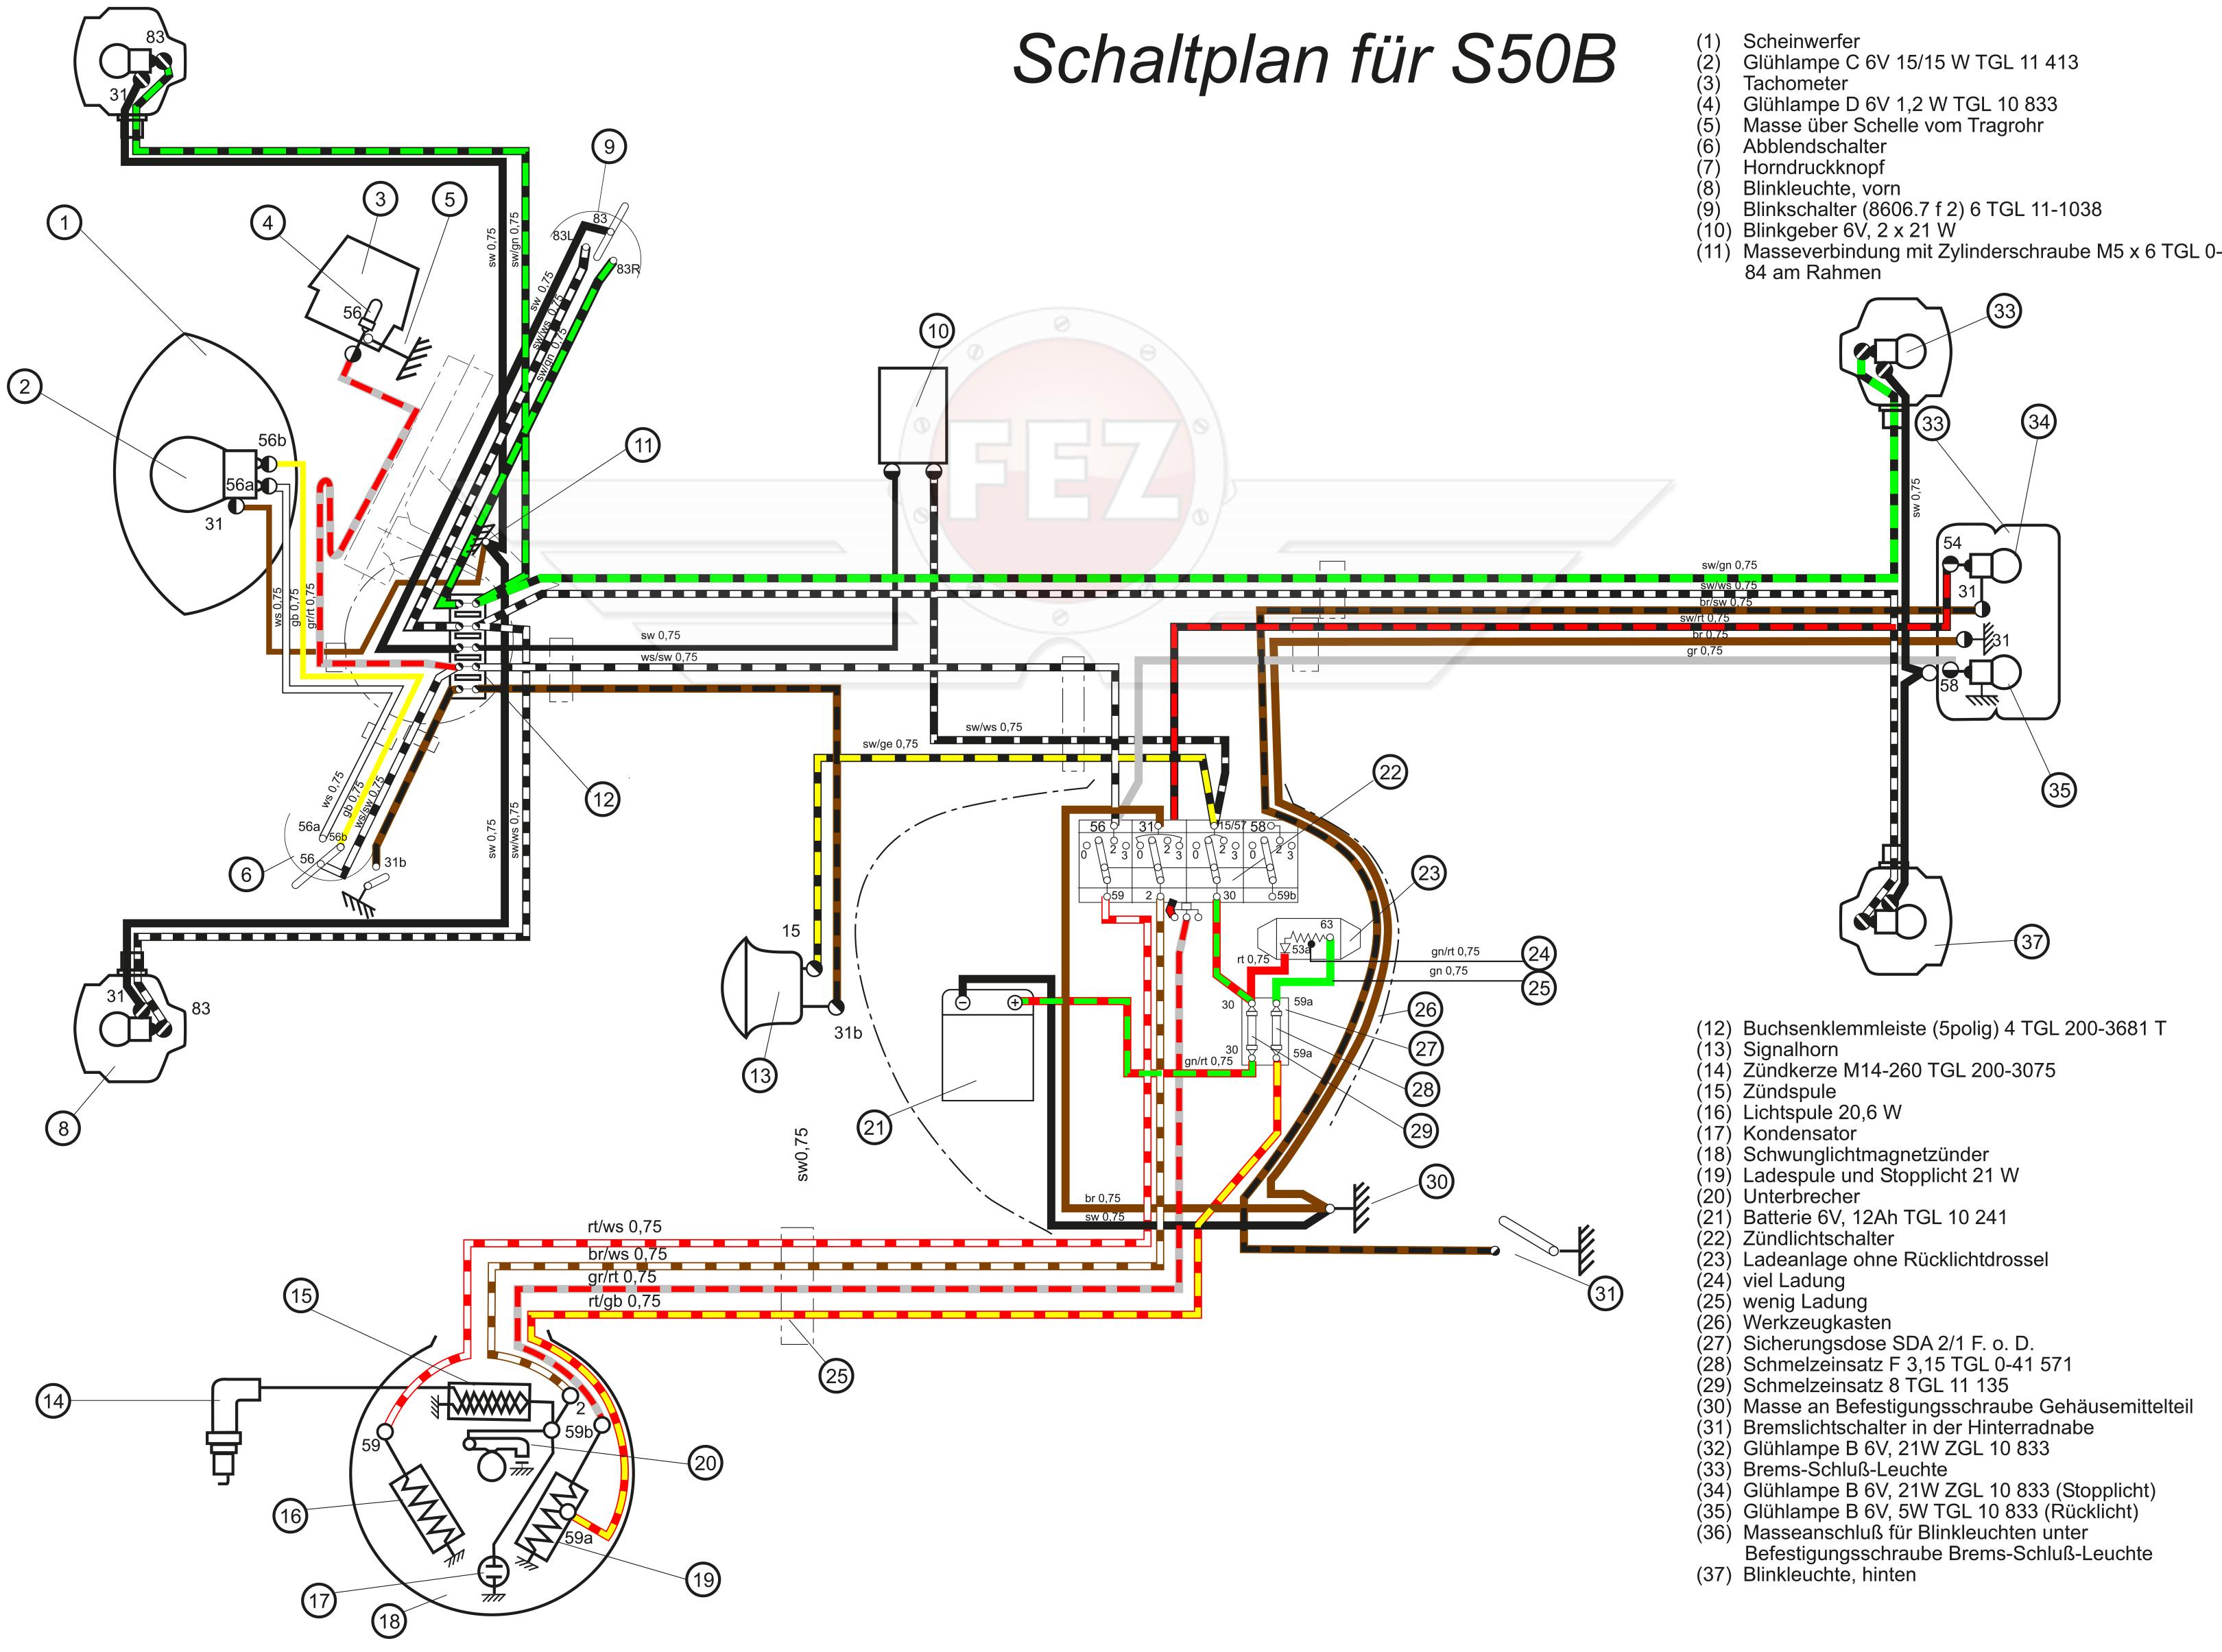 Charmant Einfache Scheinwerfer Schaltpläne Bilder - Schaltplan Serie ...